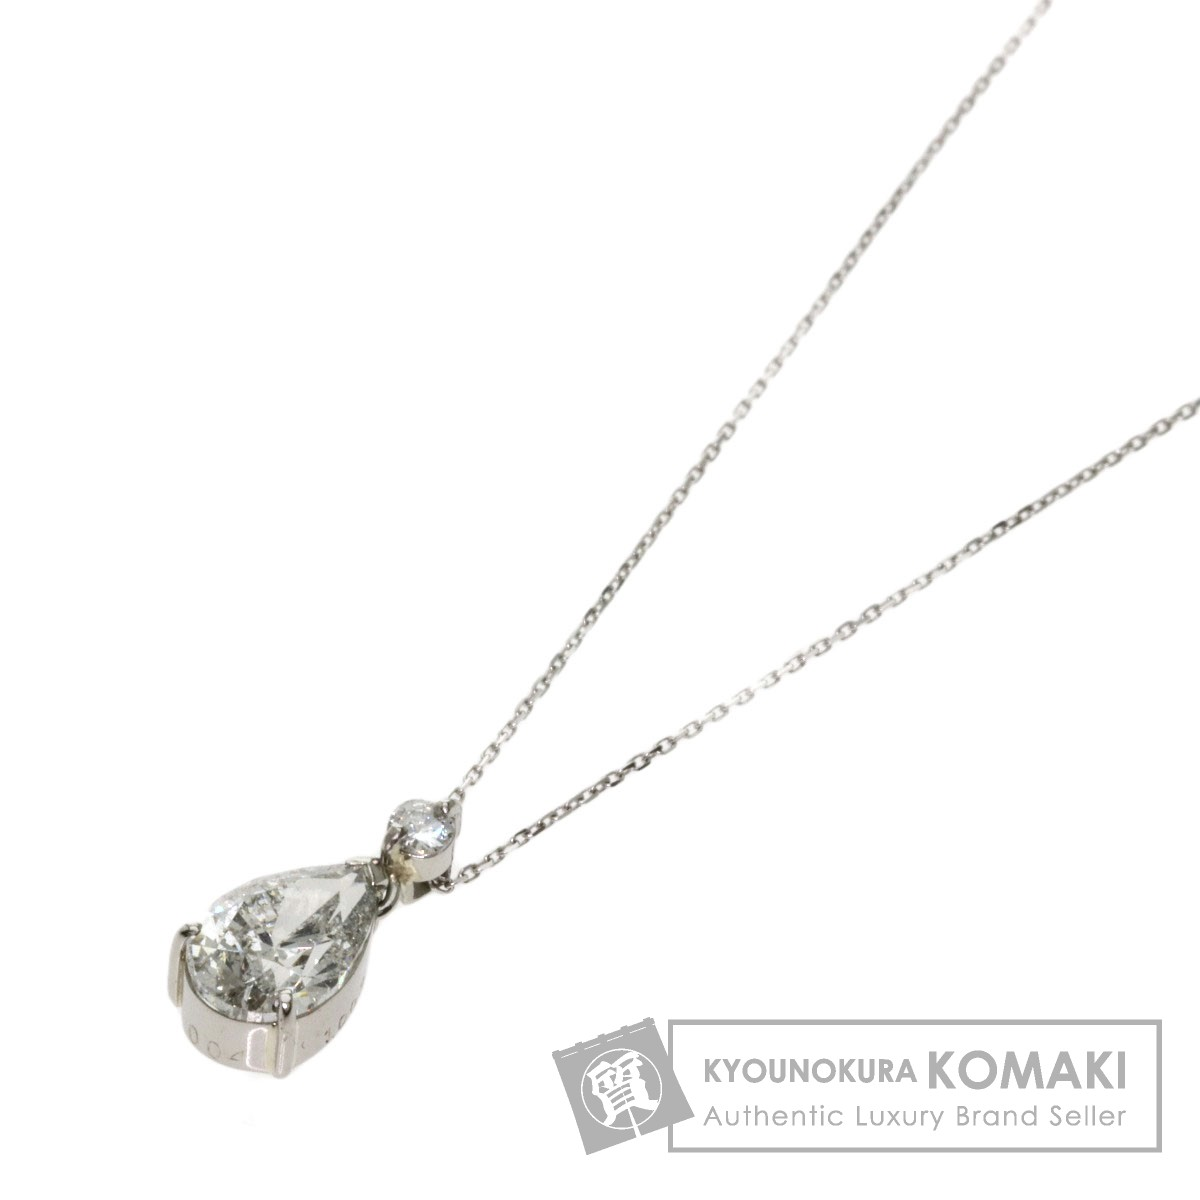 ダイヤモンド ネックレス プラチナPT900/K18WG レディース 【中古】